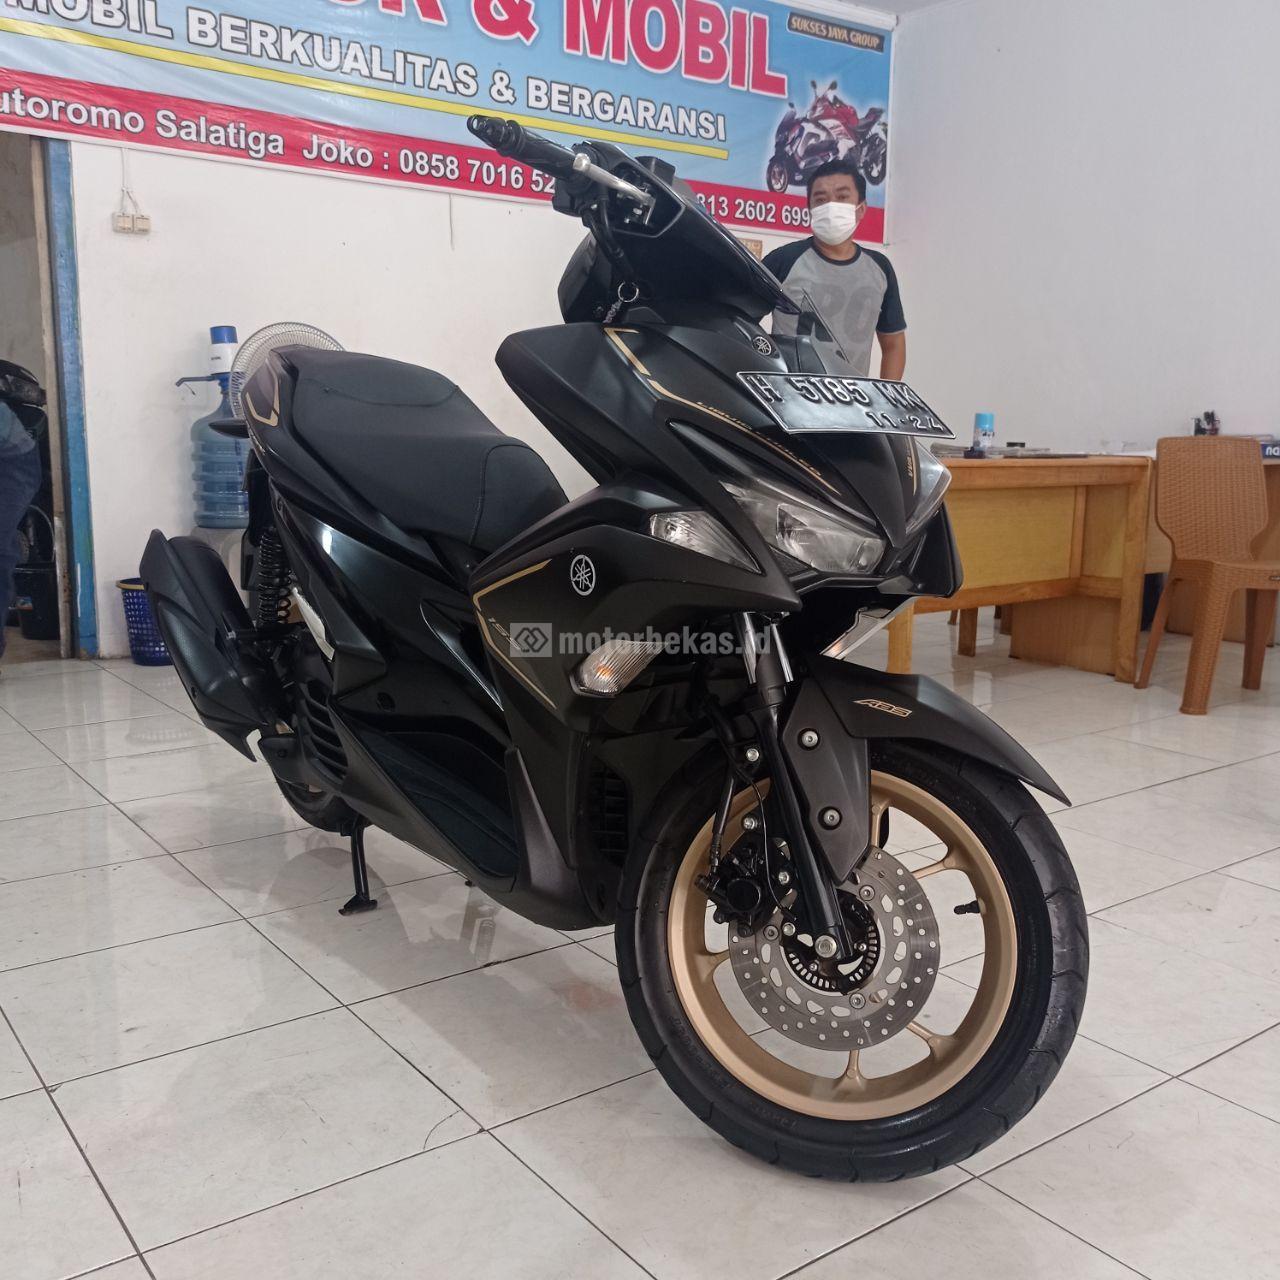 YAMAHA AEROX 155 ABS 779 motorbekas.id